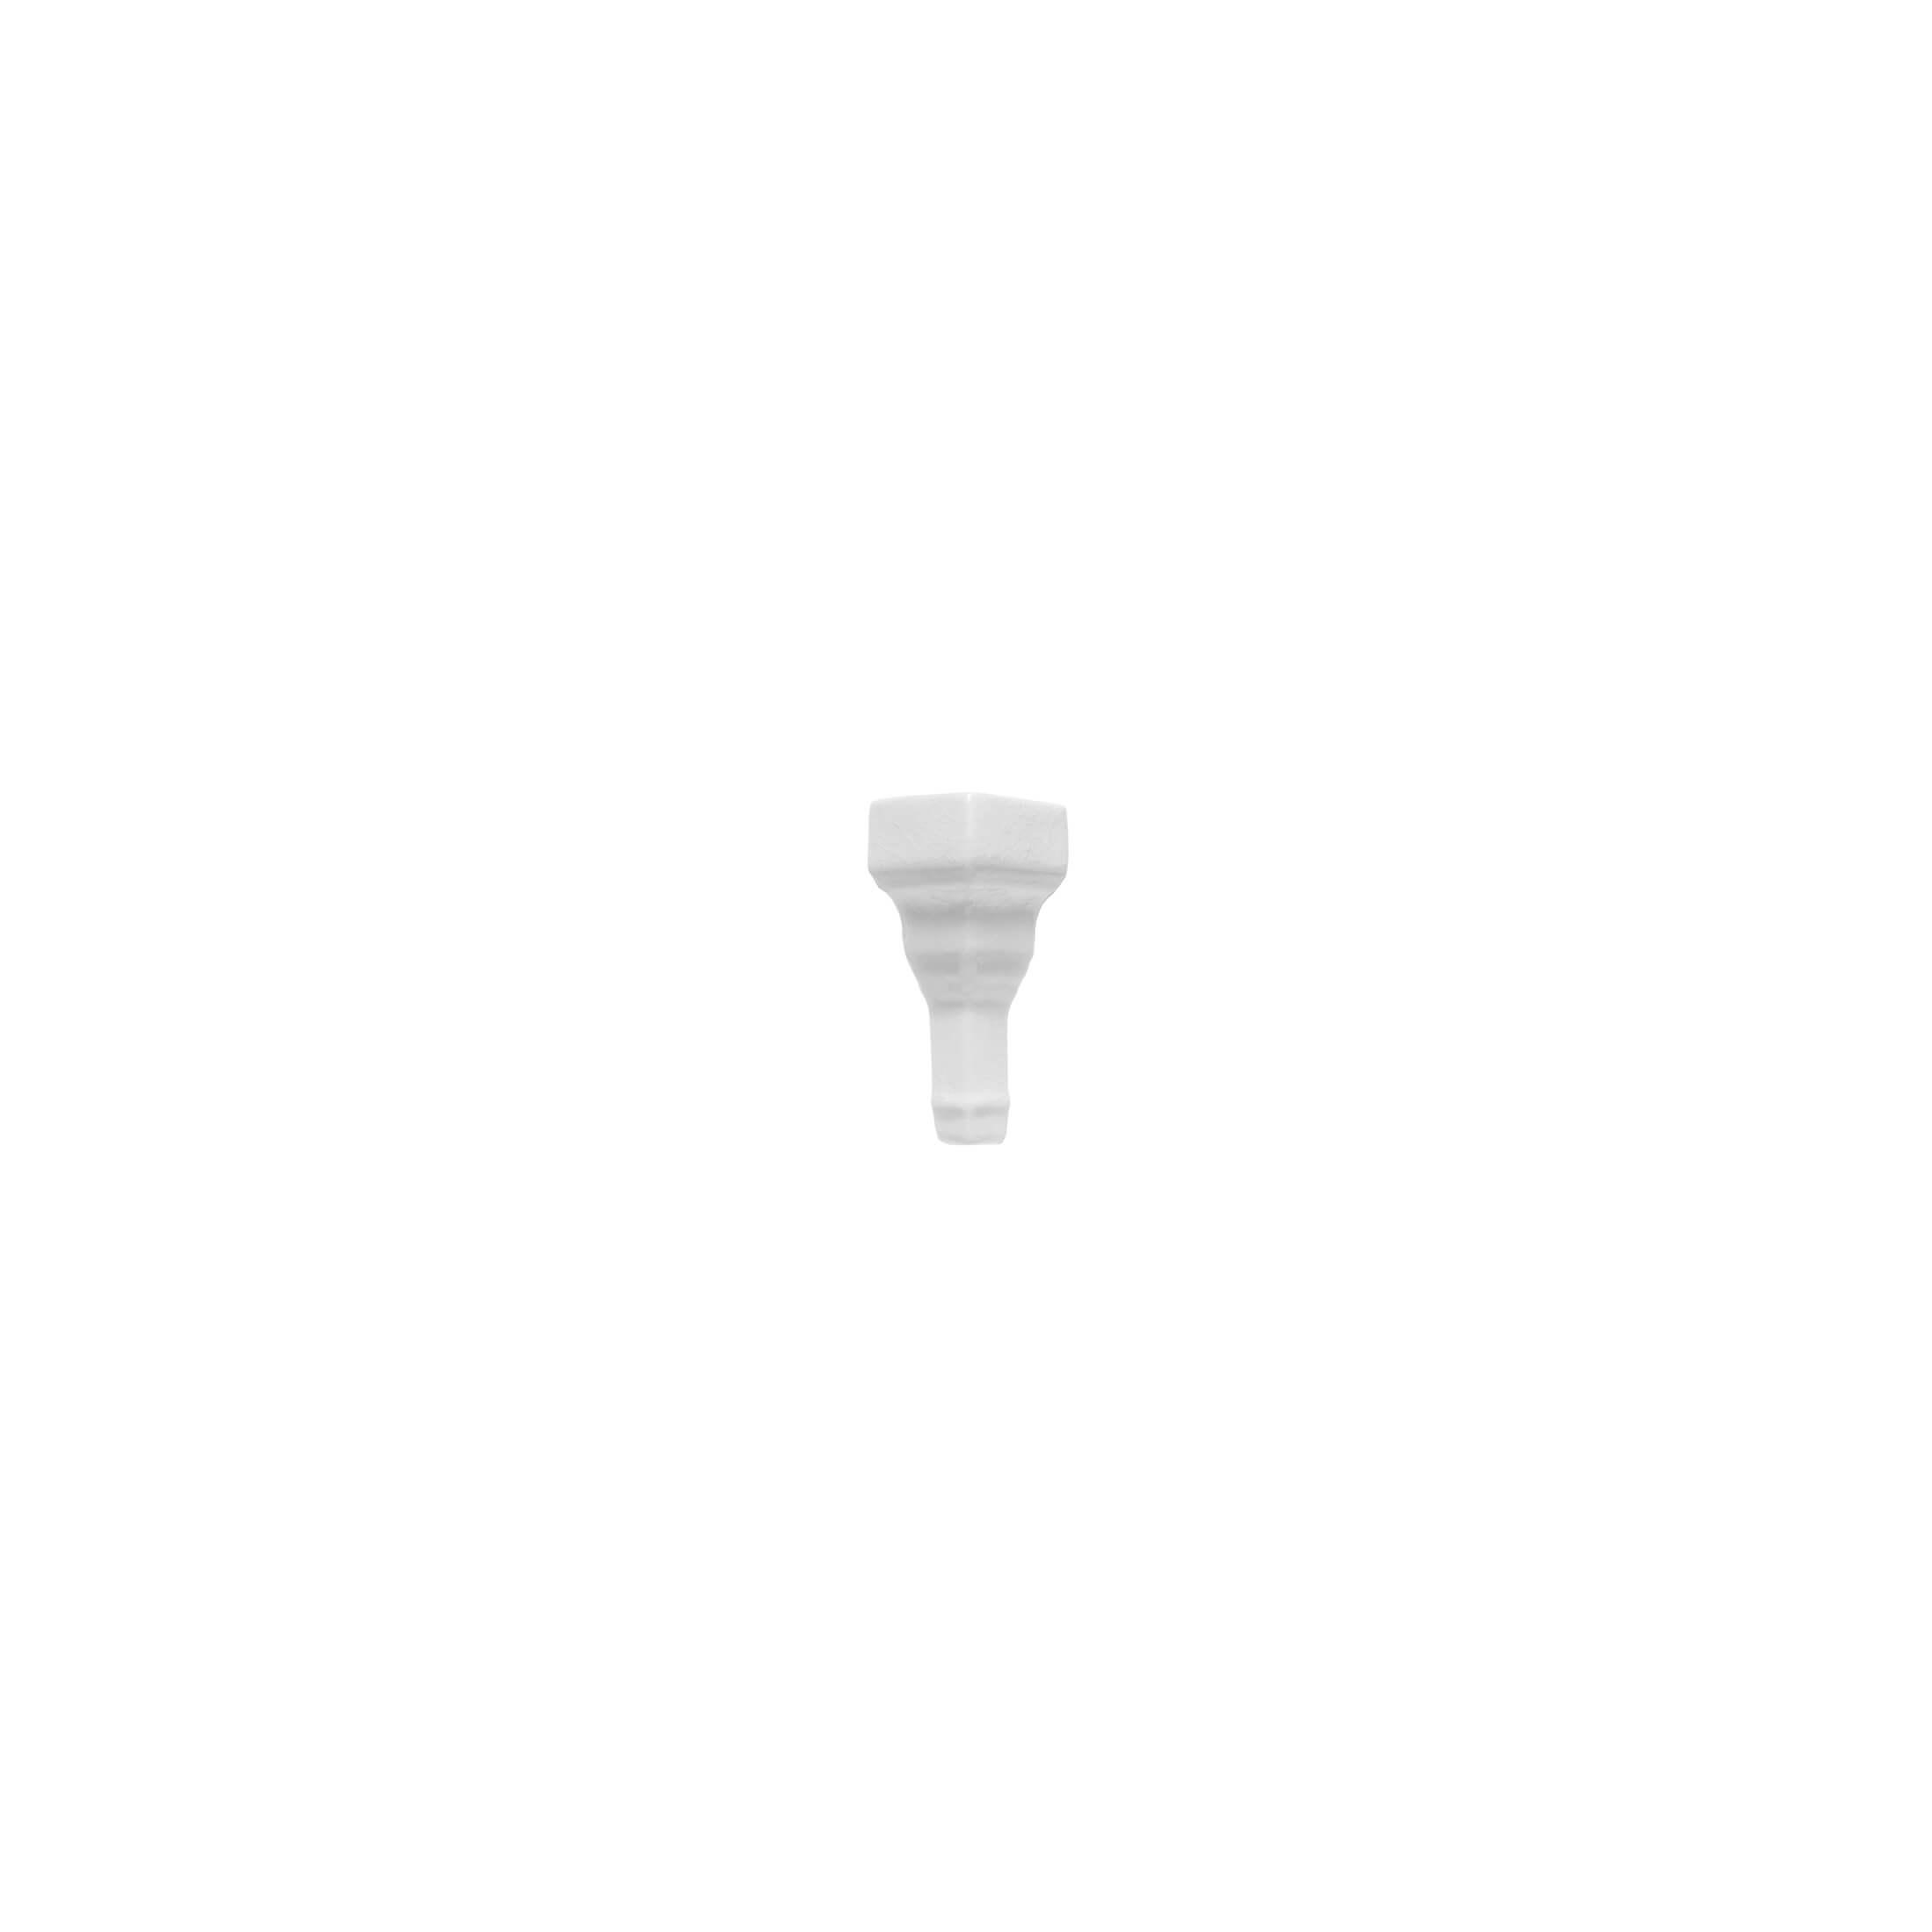 ADMO5395 - ANGULO EXTERIOR CORNISA CLASICA C/C - 5 cm X 20 cm